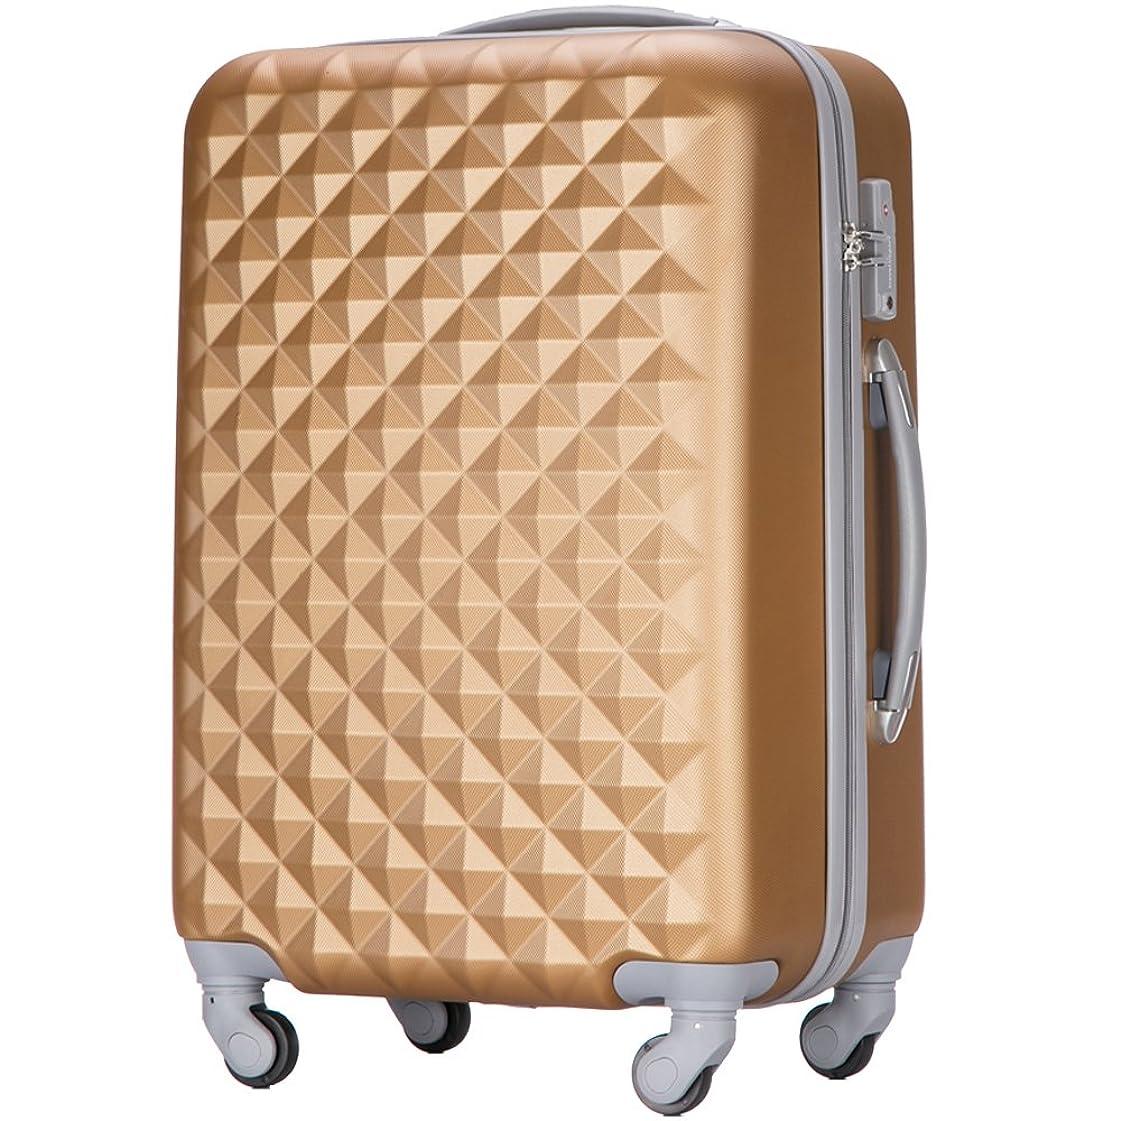 弾丸ライド全能(トラベルデパート) 超軽量スーツケース TSAロック付 ダイヤ柄